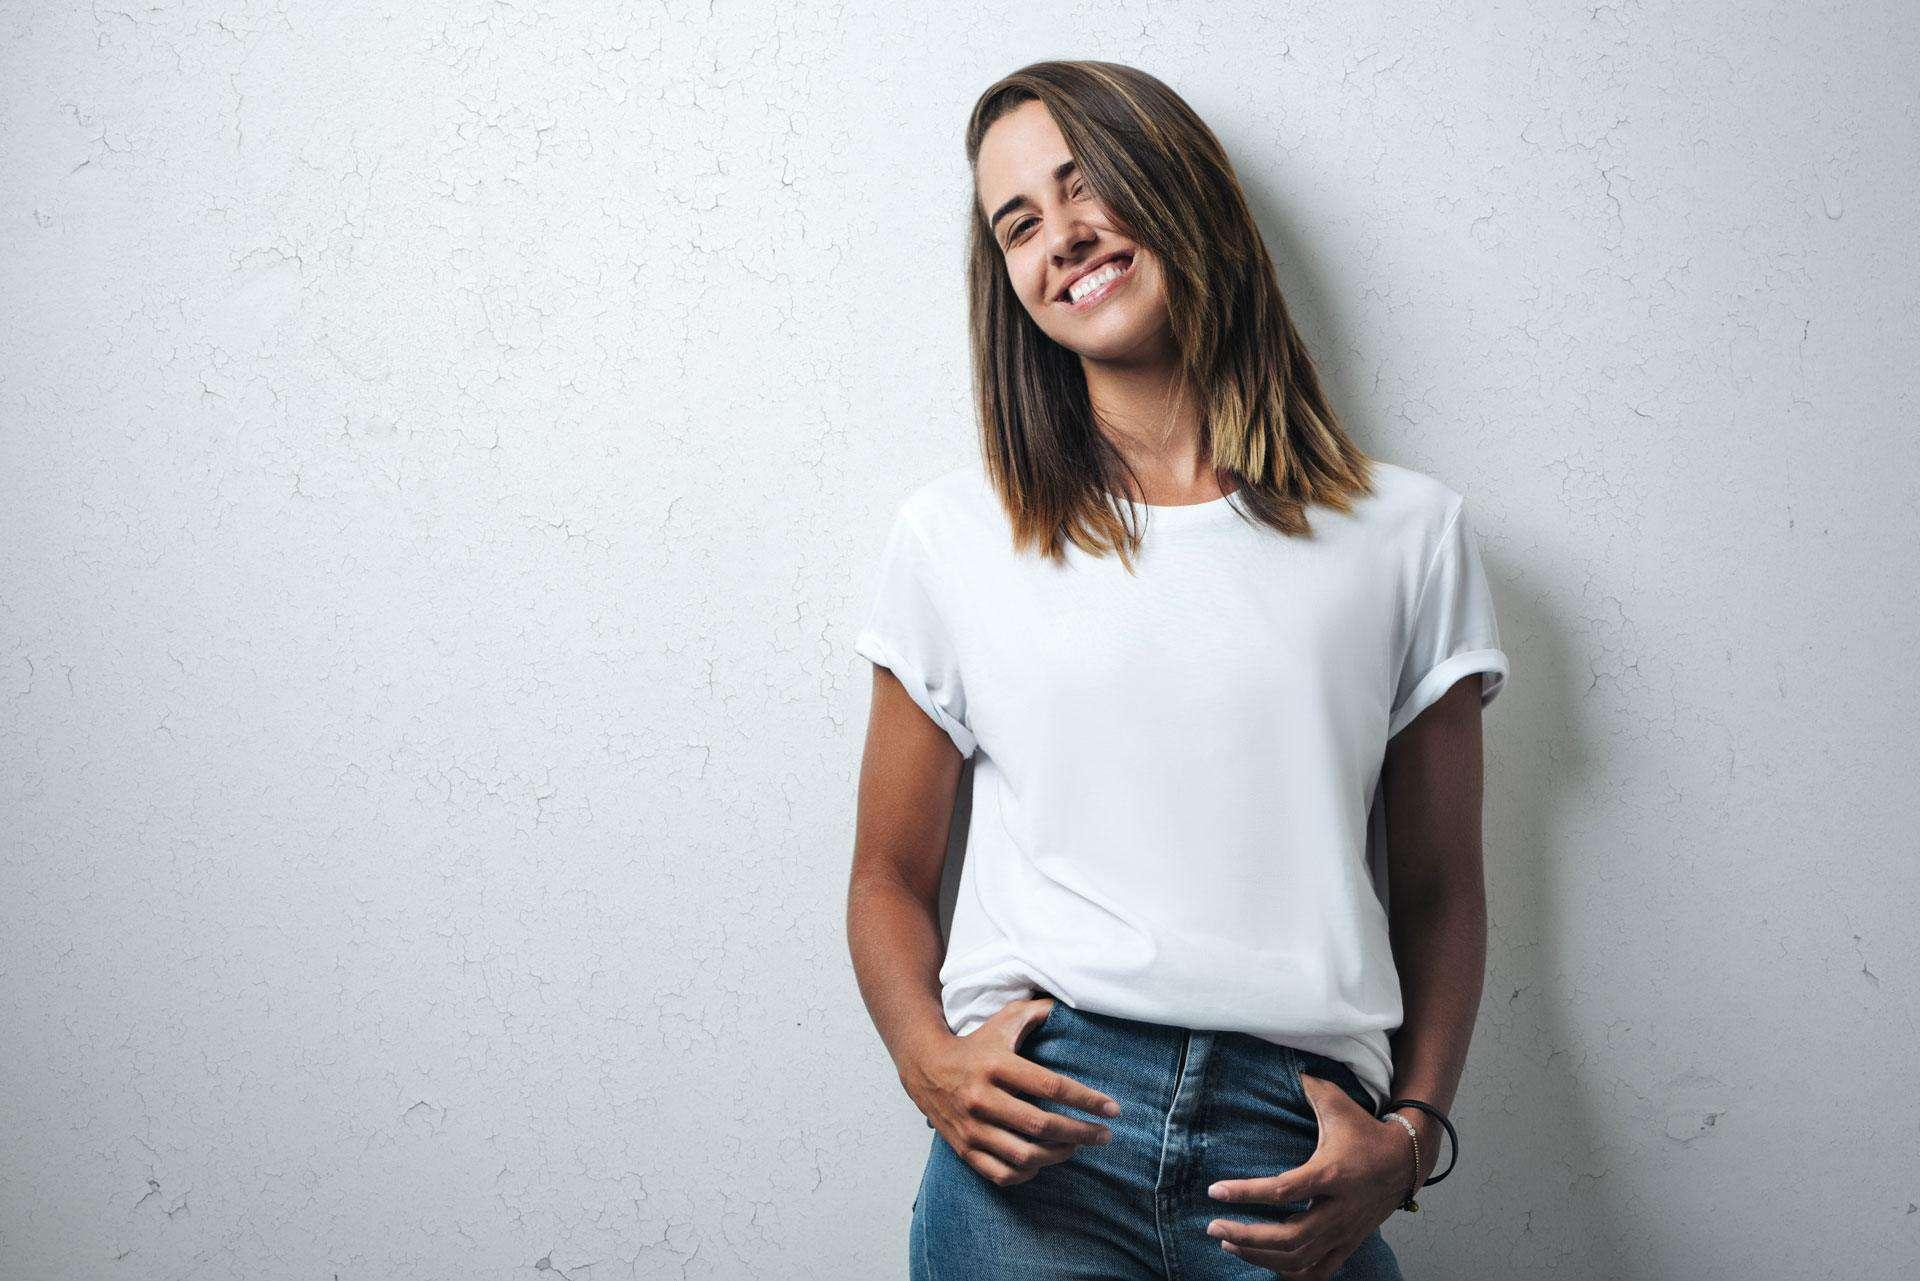 Frau in weißem T-Shirt und blauer Jeans